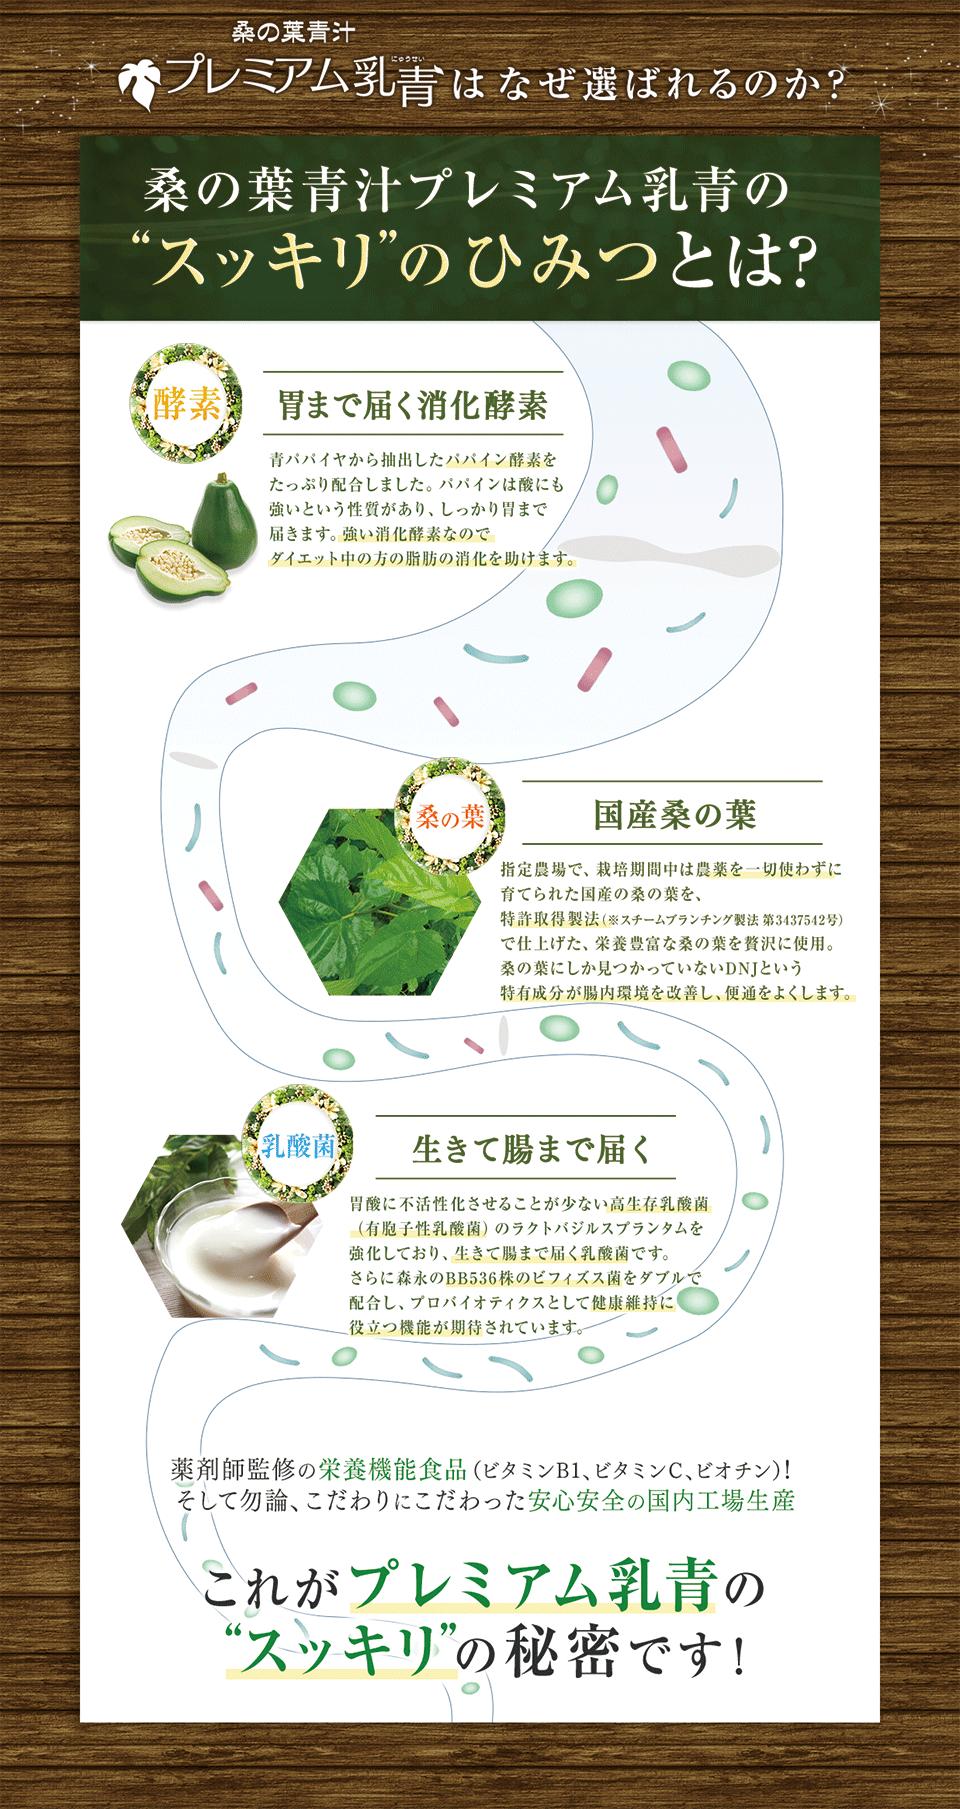 酵素、青汁、植物性乳酸菌、ビフィズス菌、桑の葉で糖ブロックのプレミアム乳青